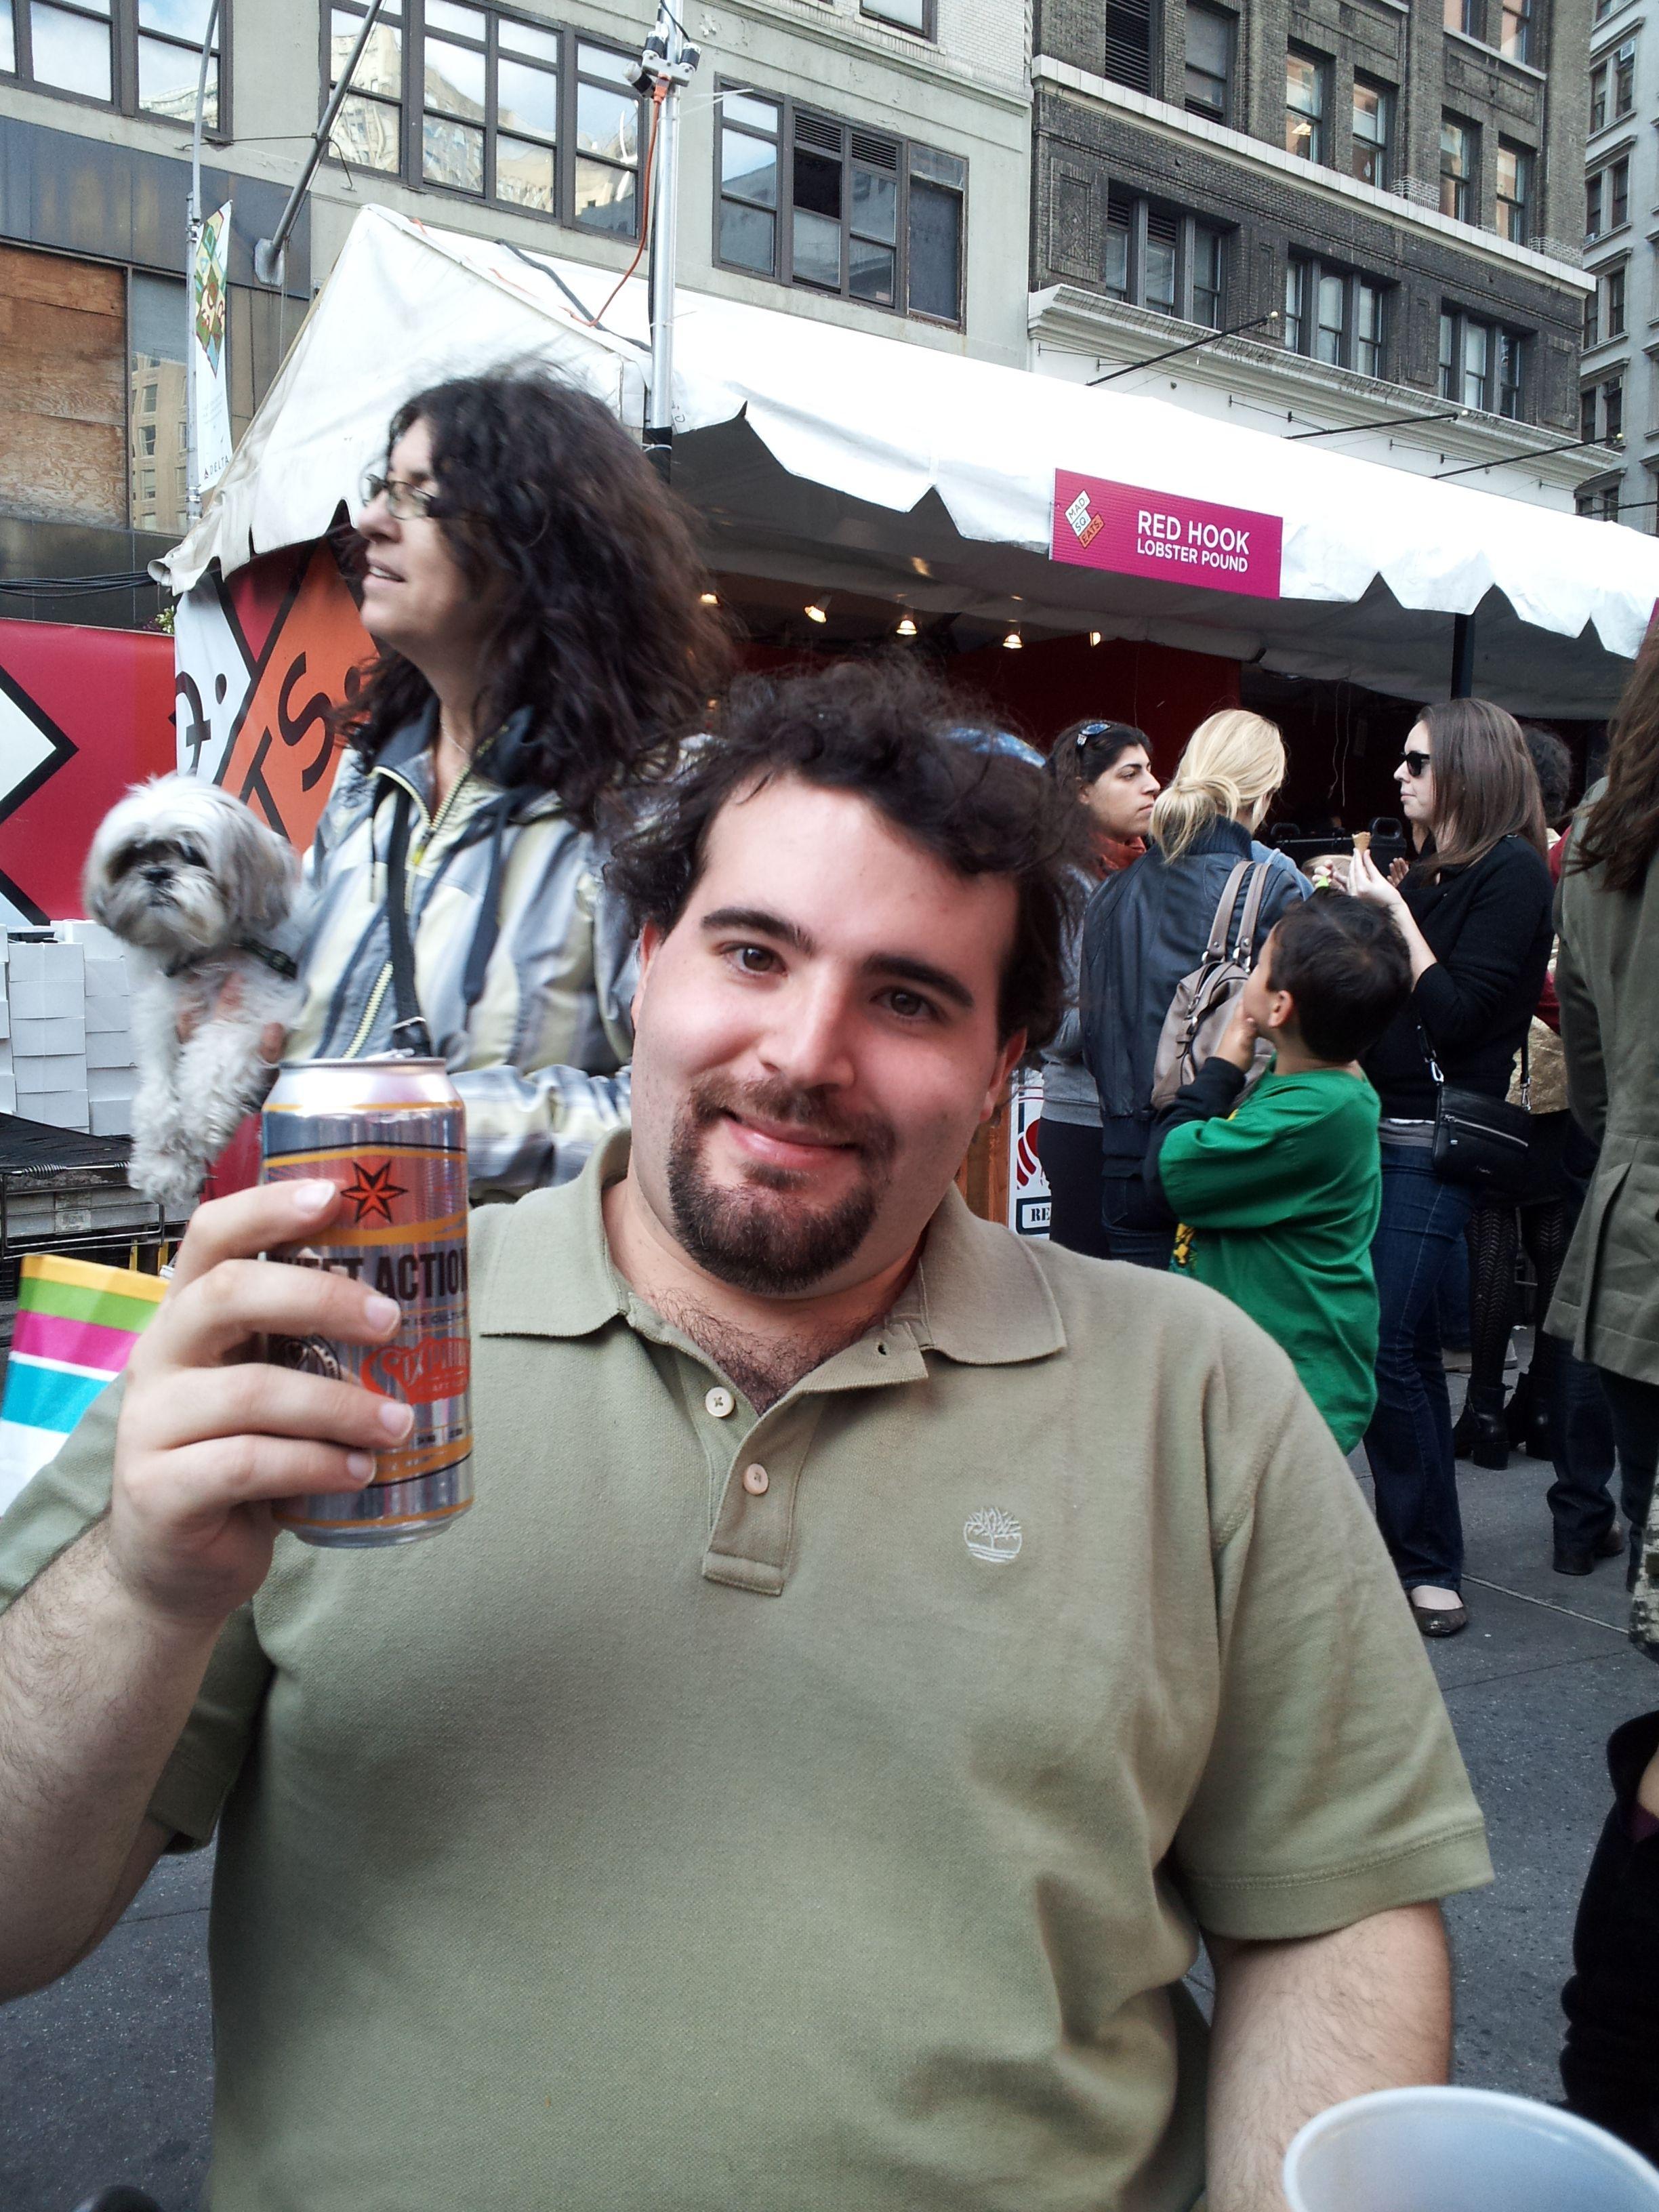 Enjoying a beer at madison square park eats one of nycs